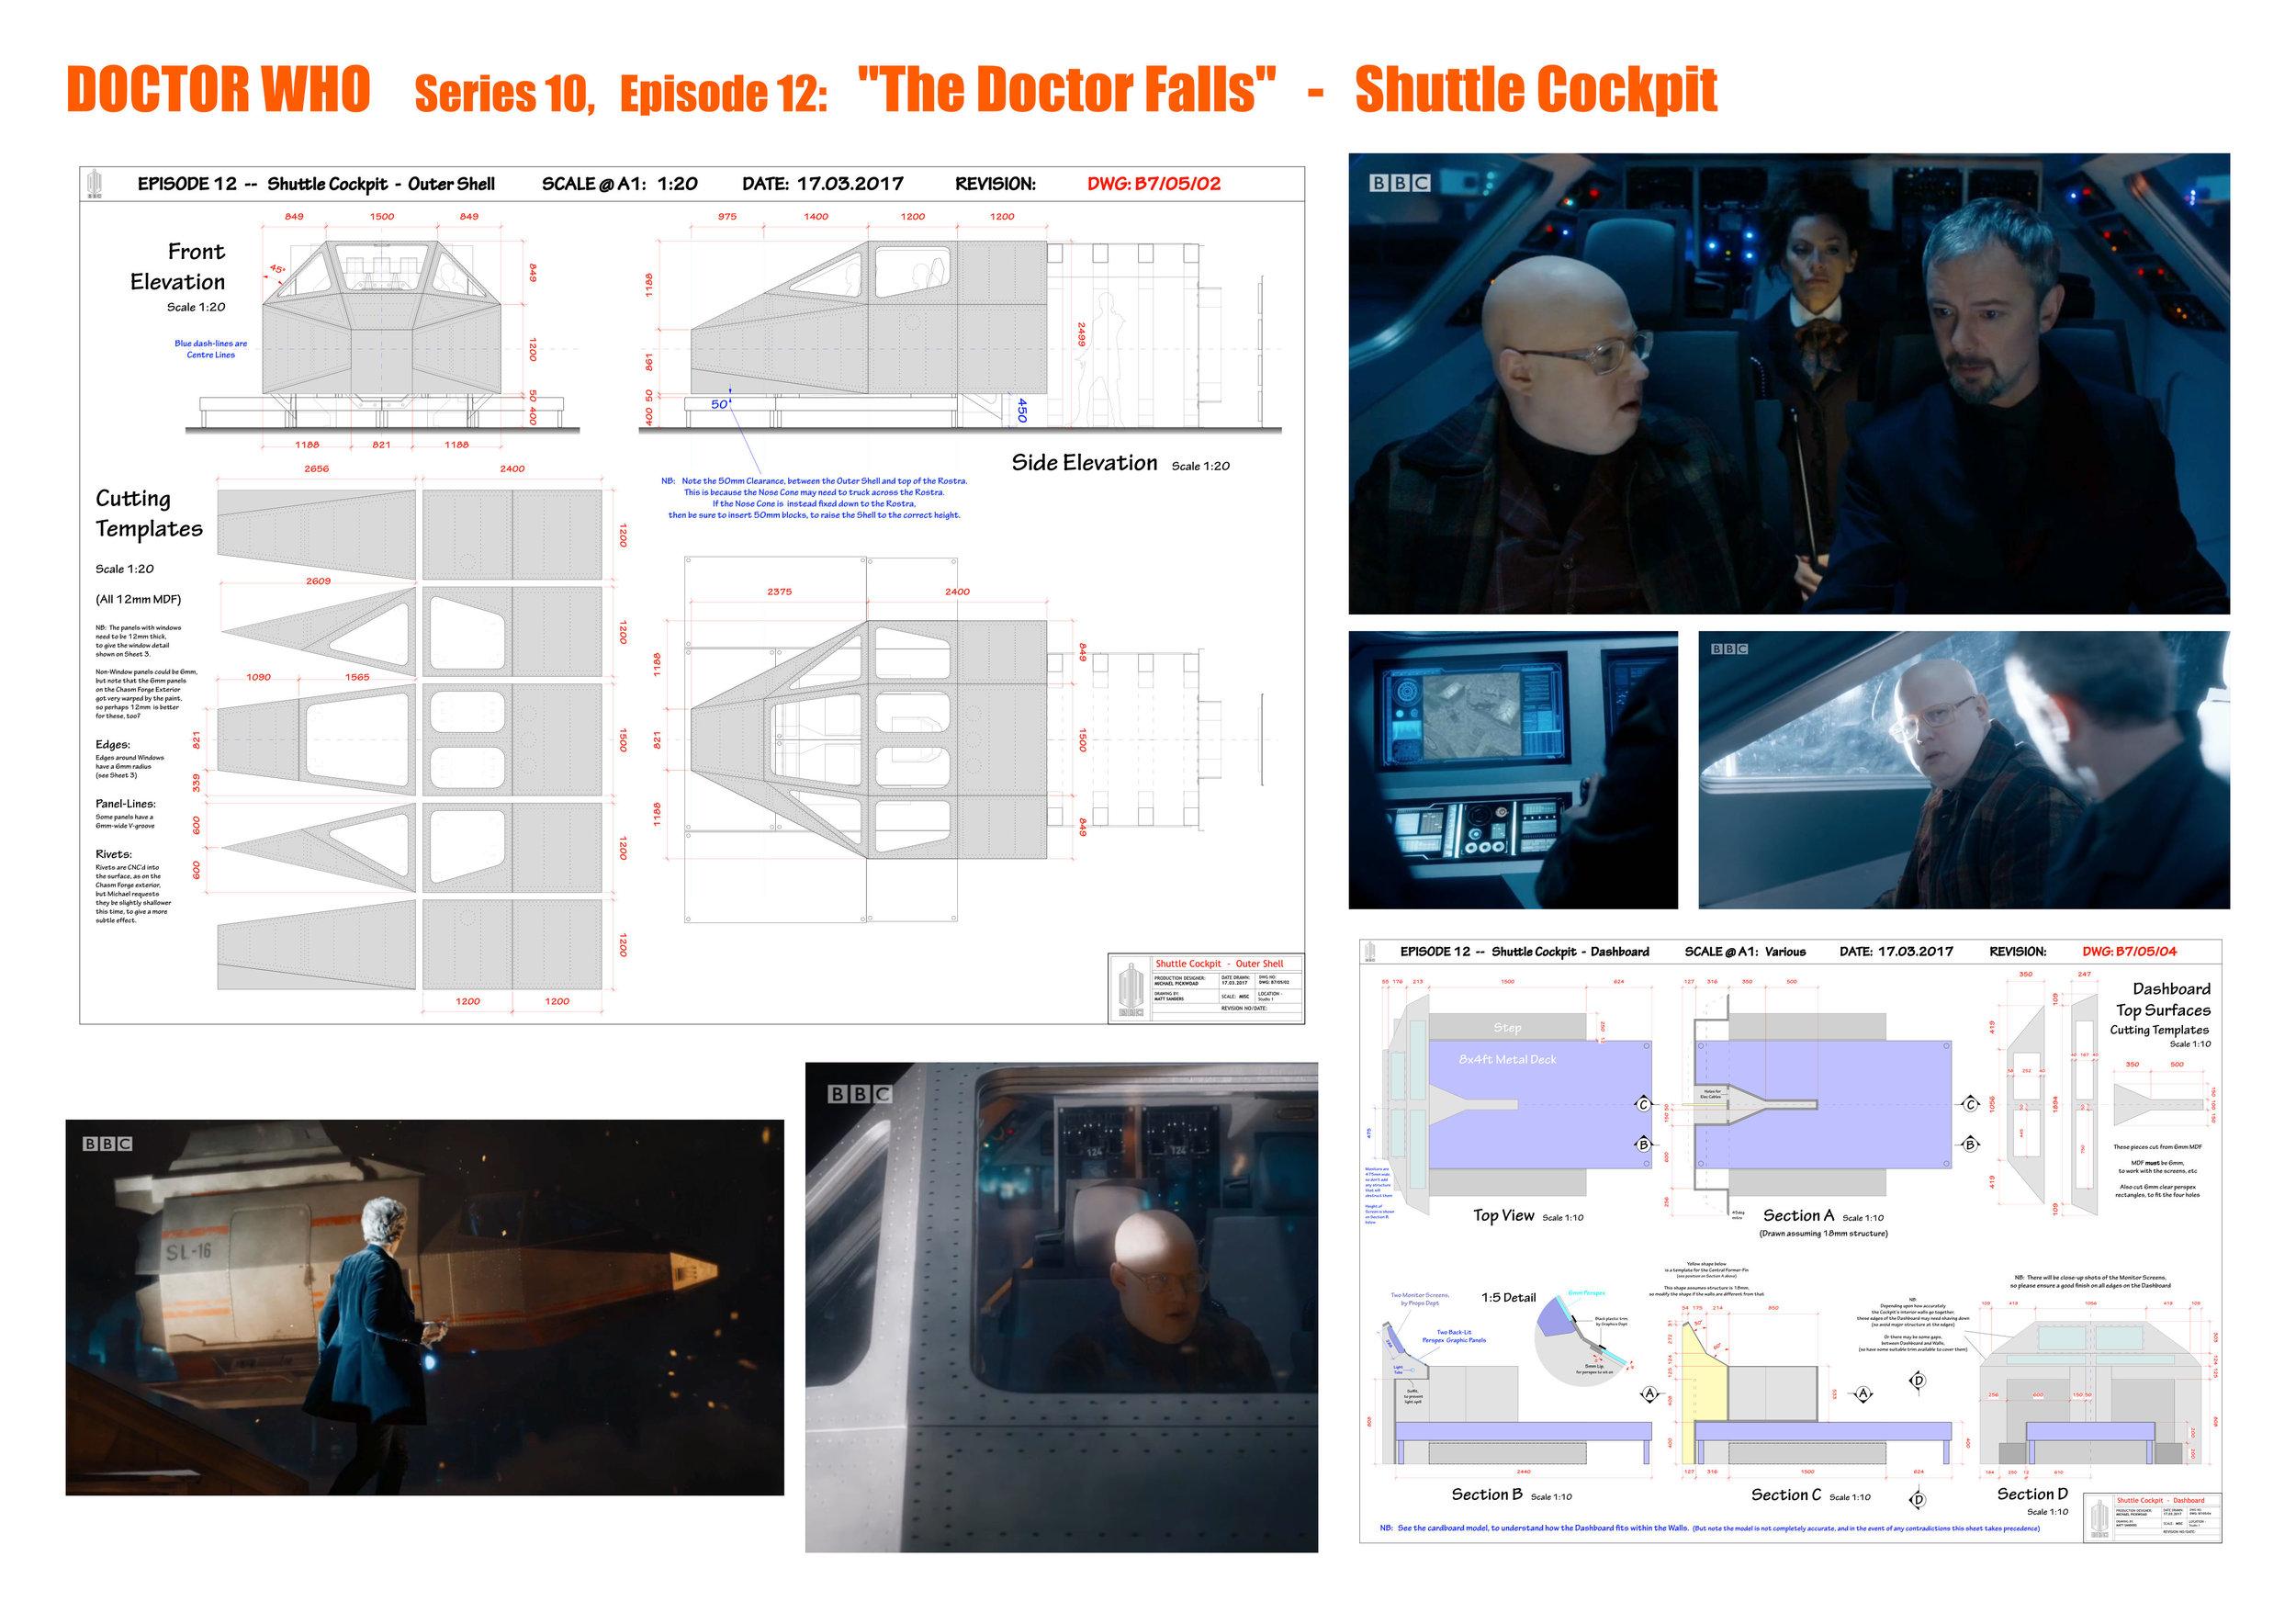 Ep 12 - The Doctor Falls - Shuttle Cockpit 1.jpg